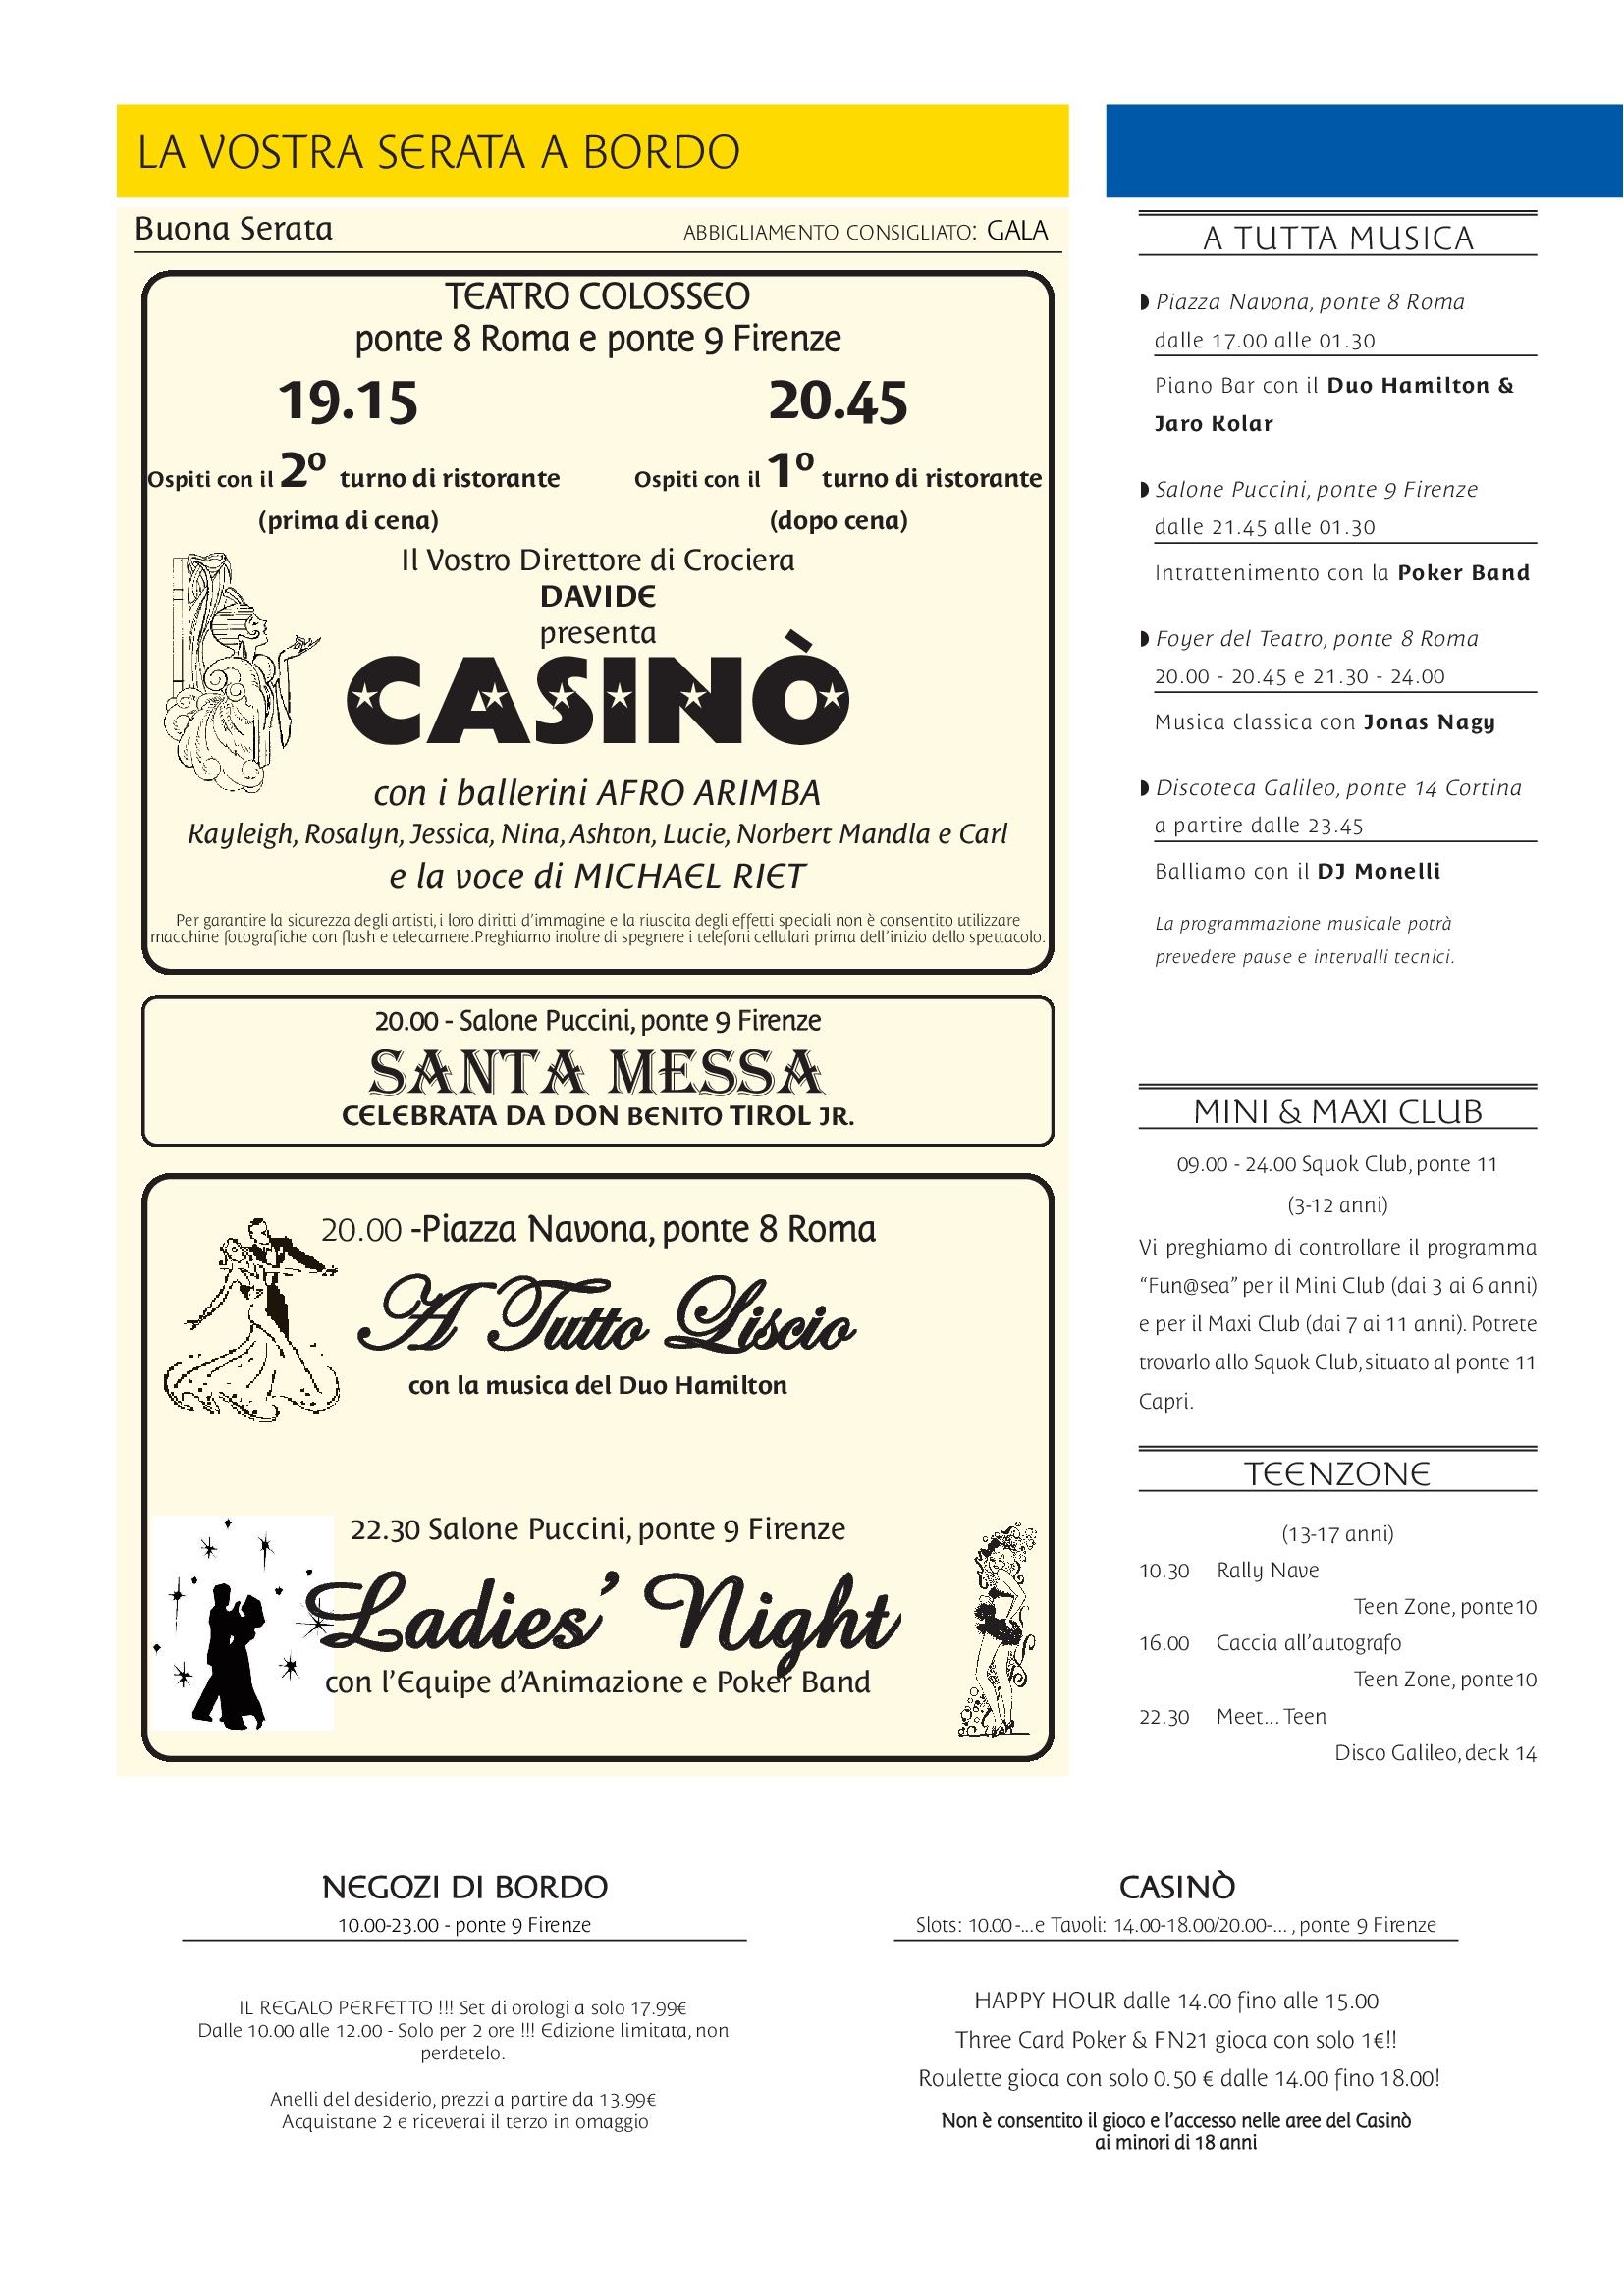 2014/01/12 - Navigazione - Costa Classica-journal_94_q100_cit-it_p3_20140112-jpeg